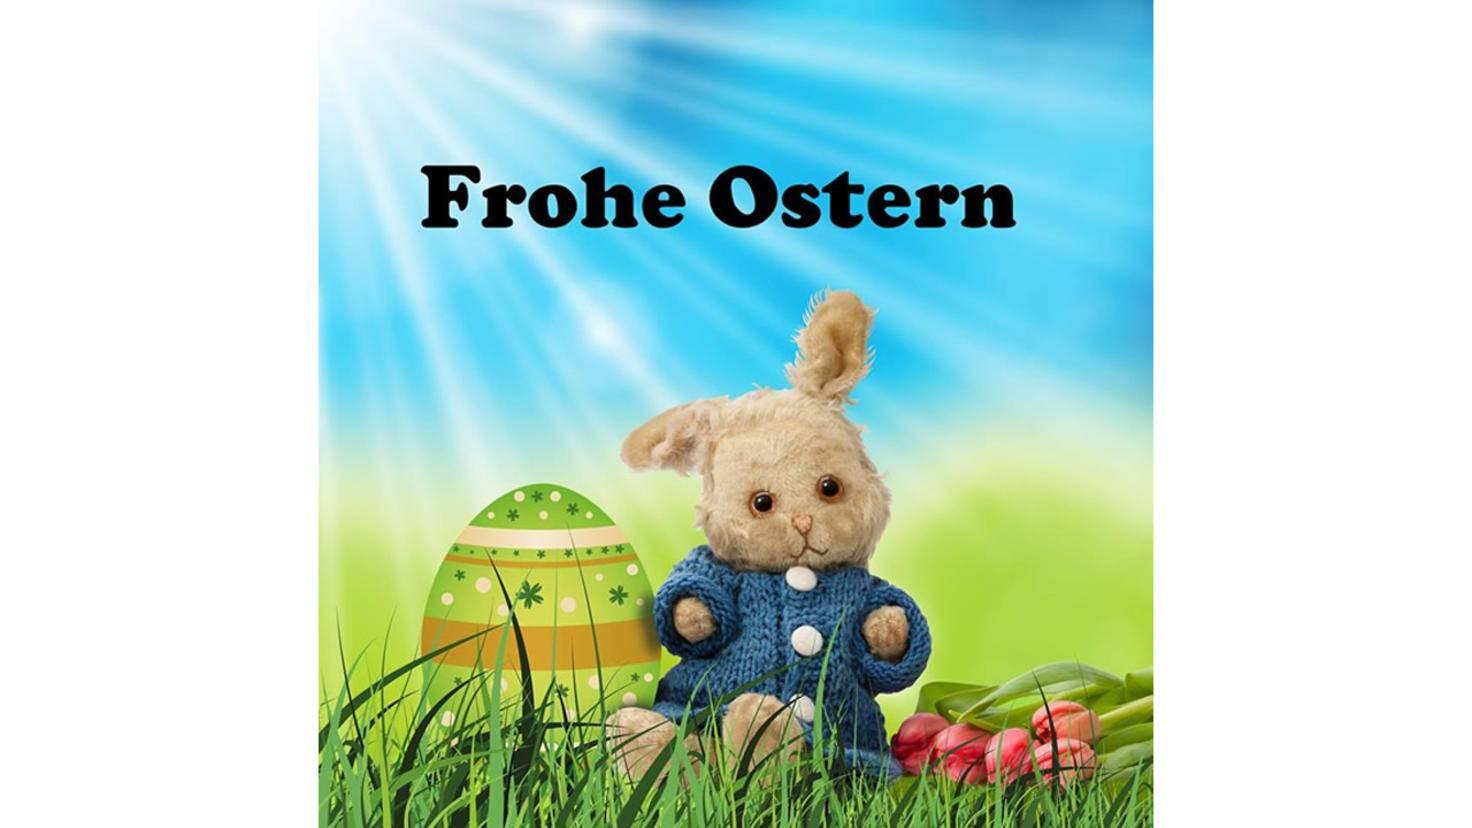 Frohe Ostern 40 Kostenlose Und Lustige Spruche Bilder Videos Fur